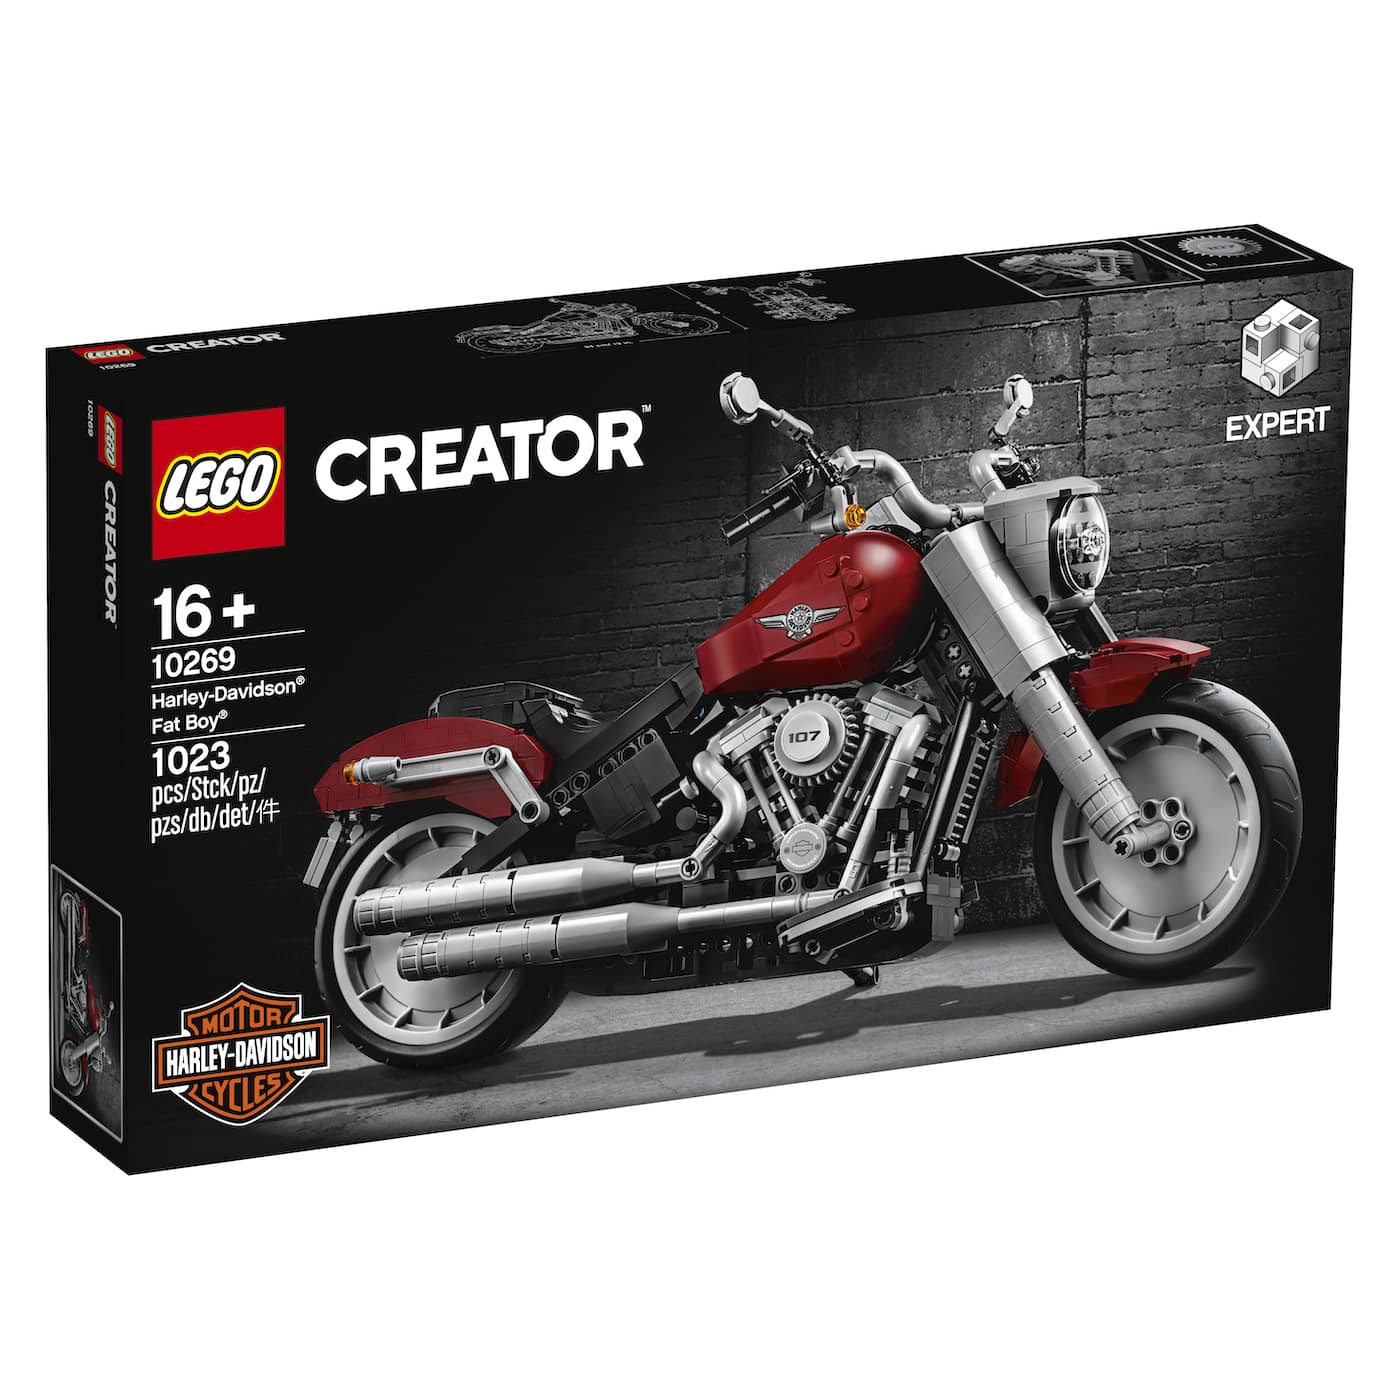 LEGO präsentiert ein neues Harley Davidson Replica Modell zum nachbauen 5